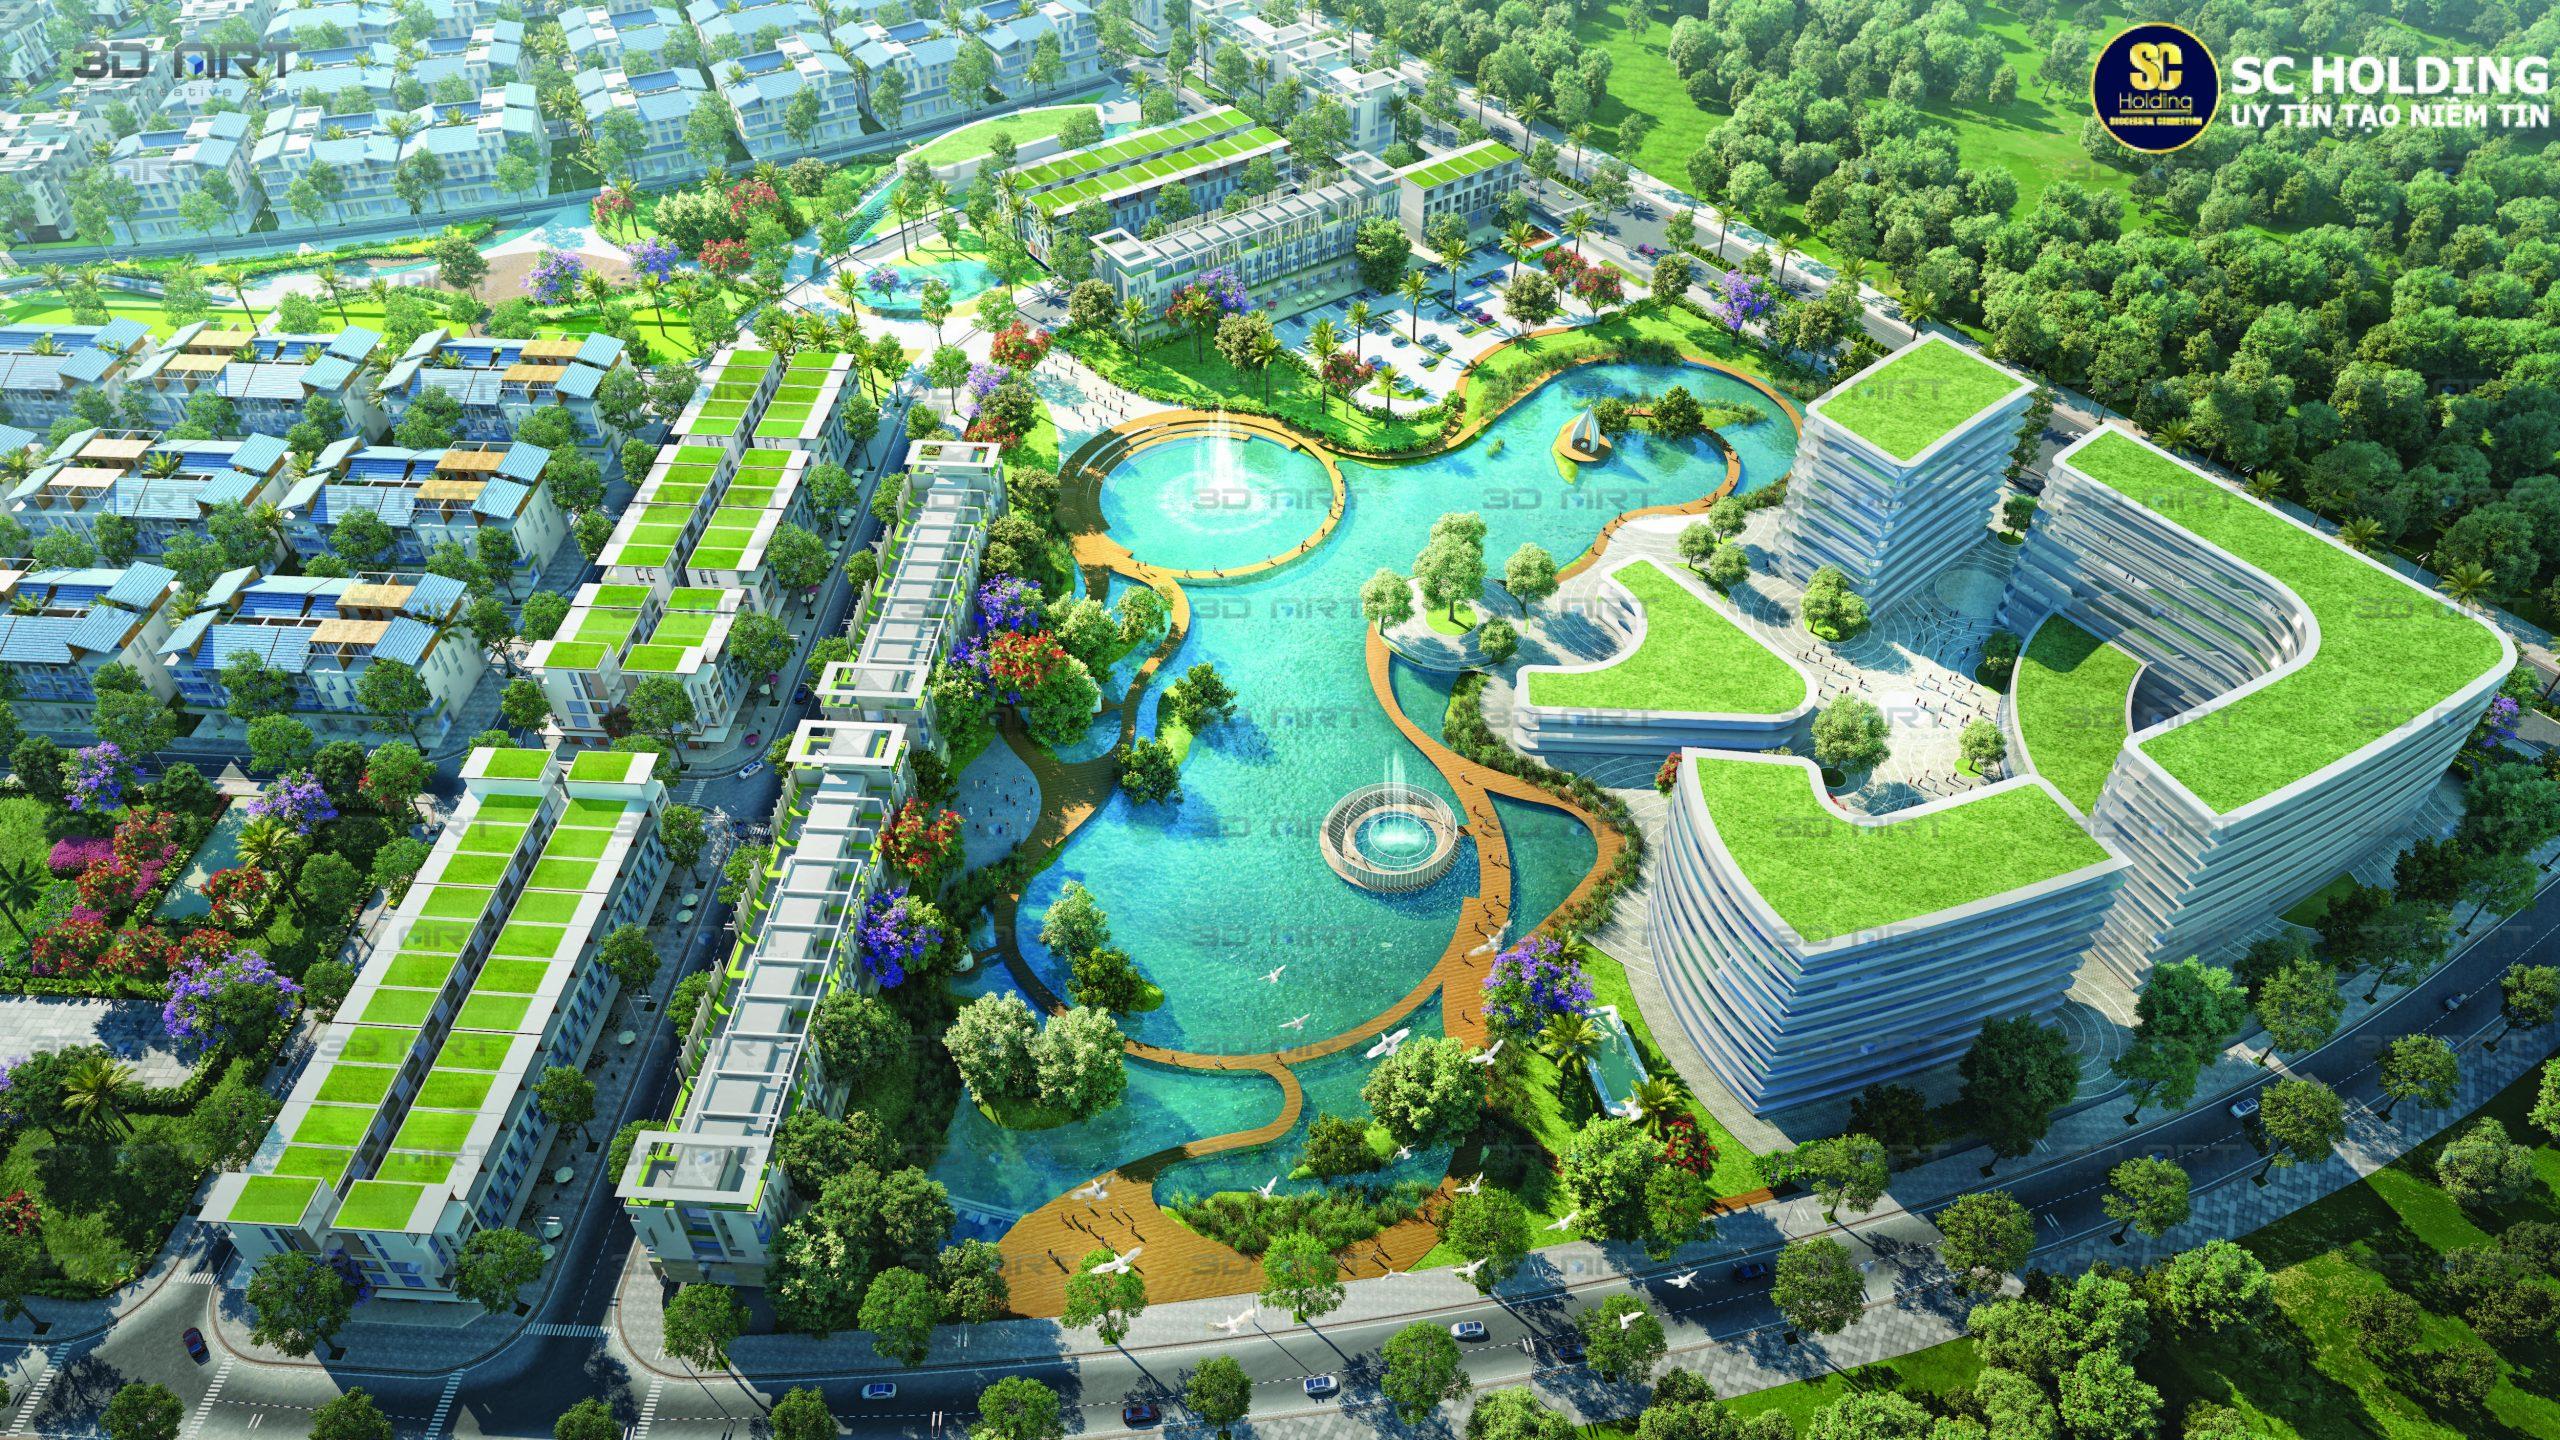 """Tại sao nói KĐT Meyhomes Capital Phú Quốc là """"bảo vật"""" truyền đời?"""